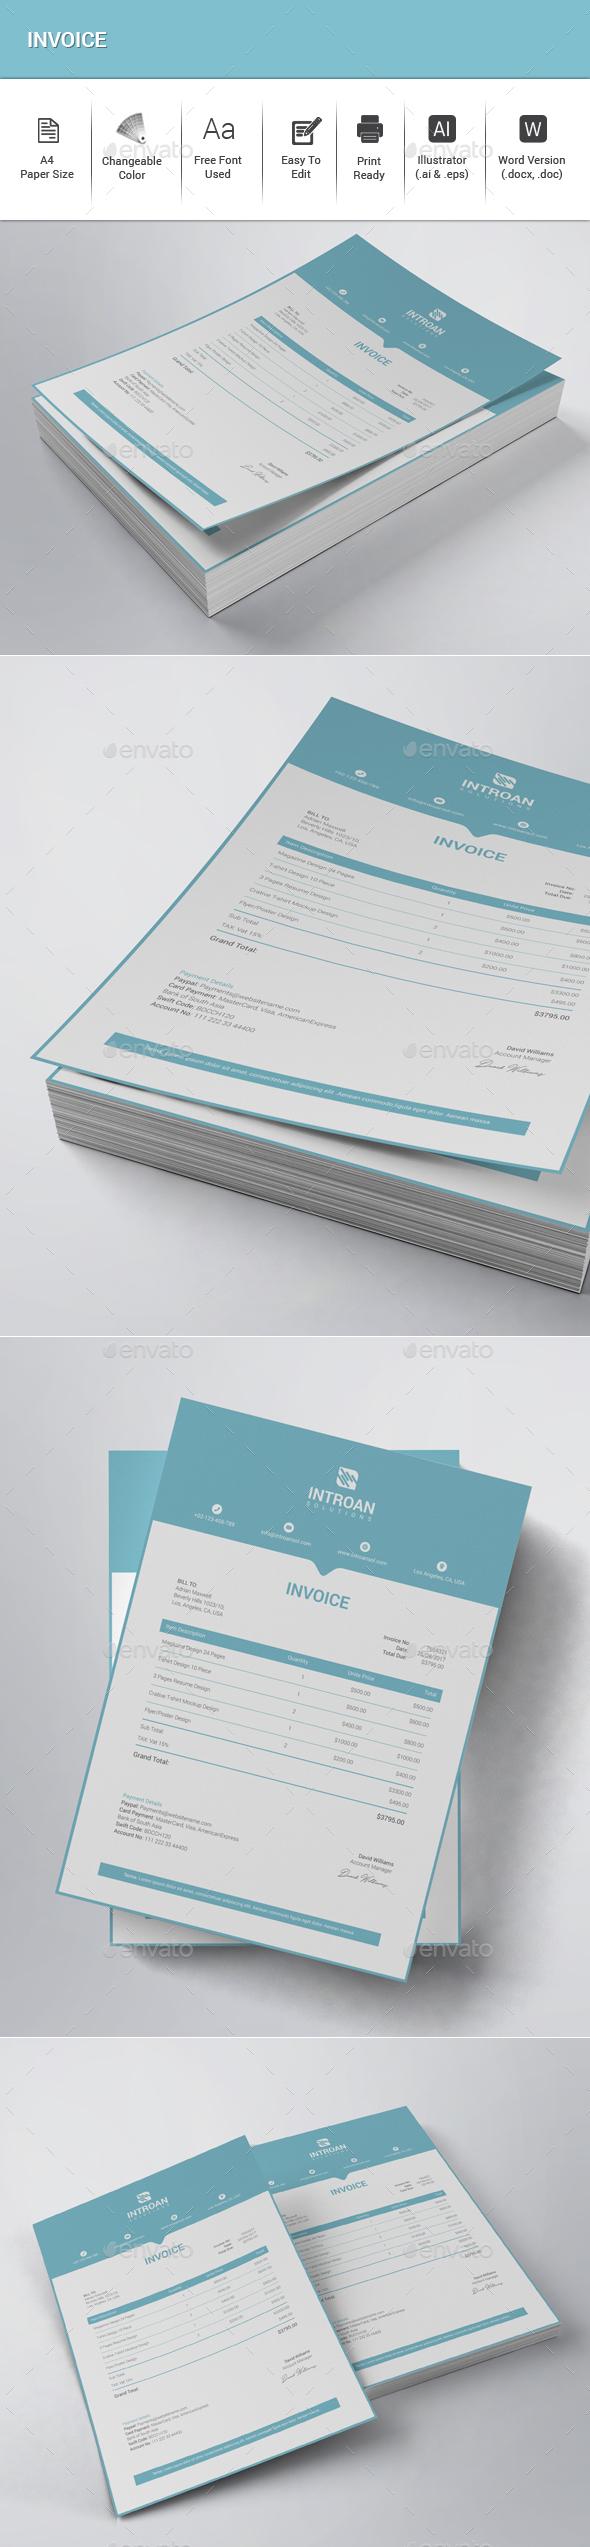 GraphicRiver Invoice 20739534